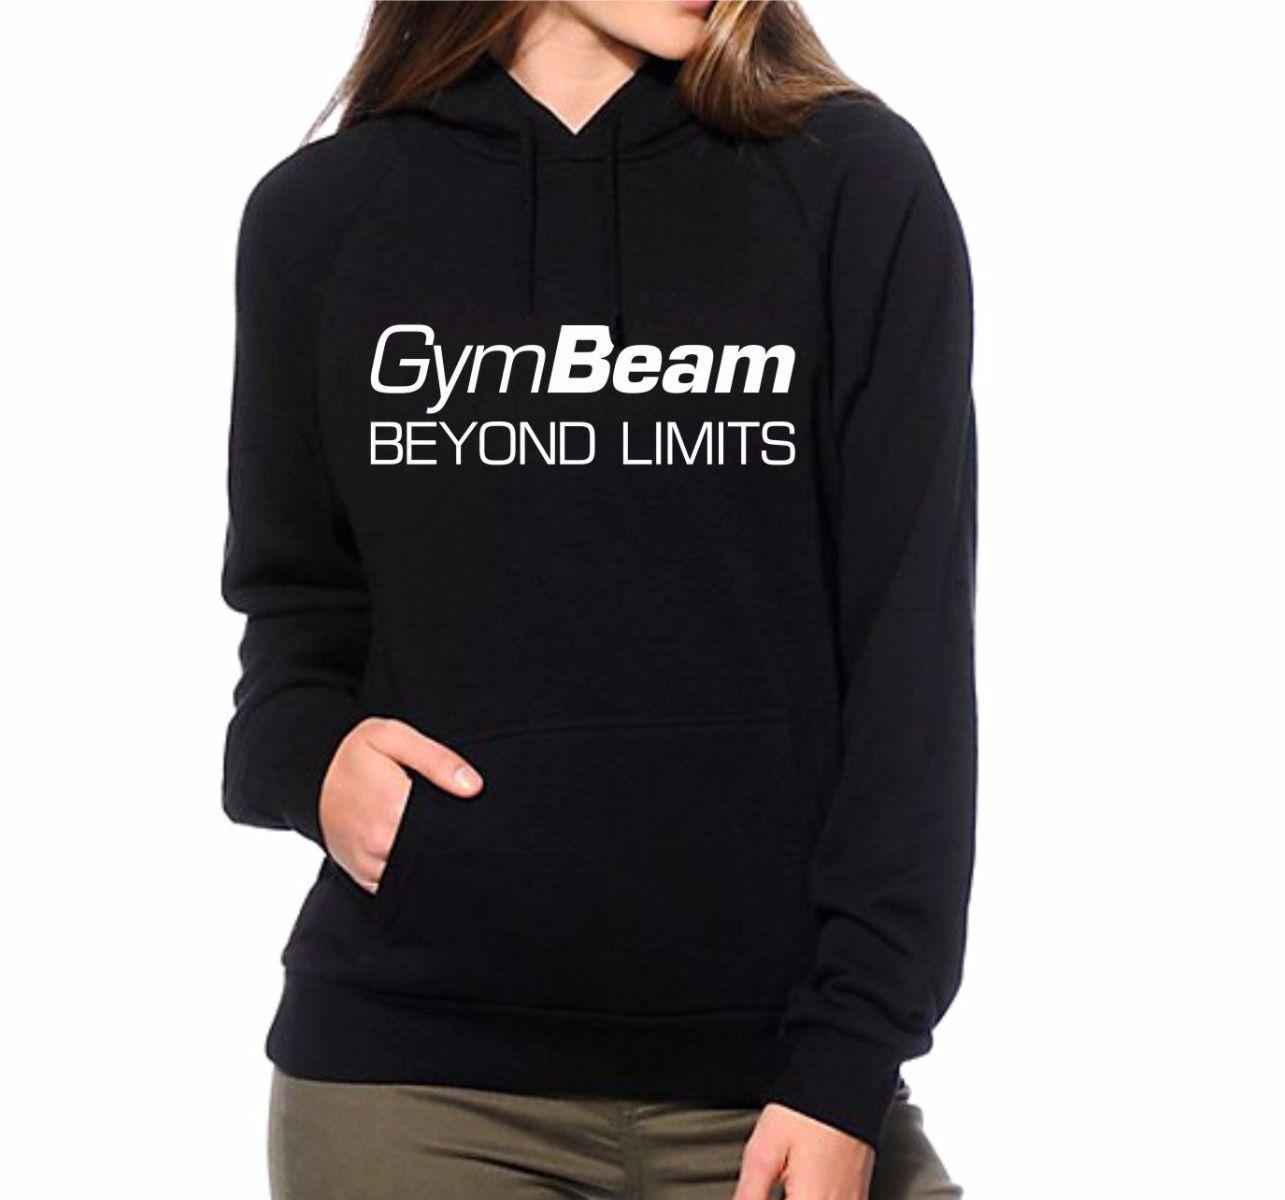 3fbc55631c5 Дамска блуза Beyond Limits Black White - GymBeam M с цена от лв - Sravni.bg